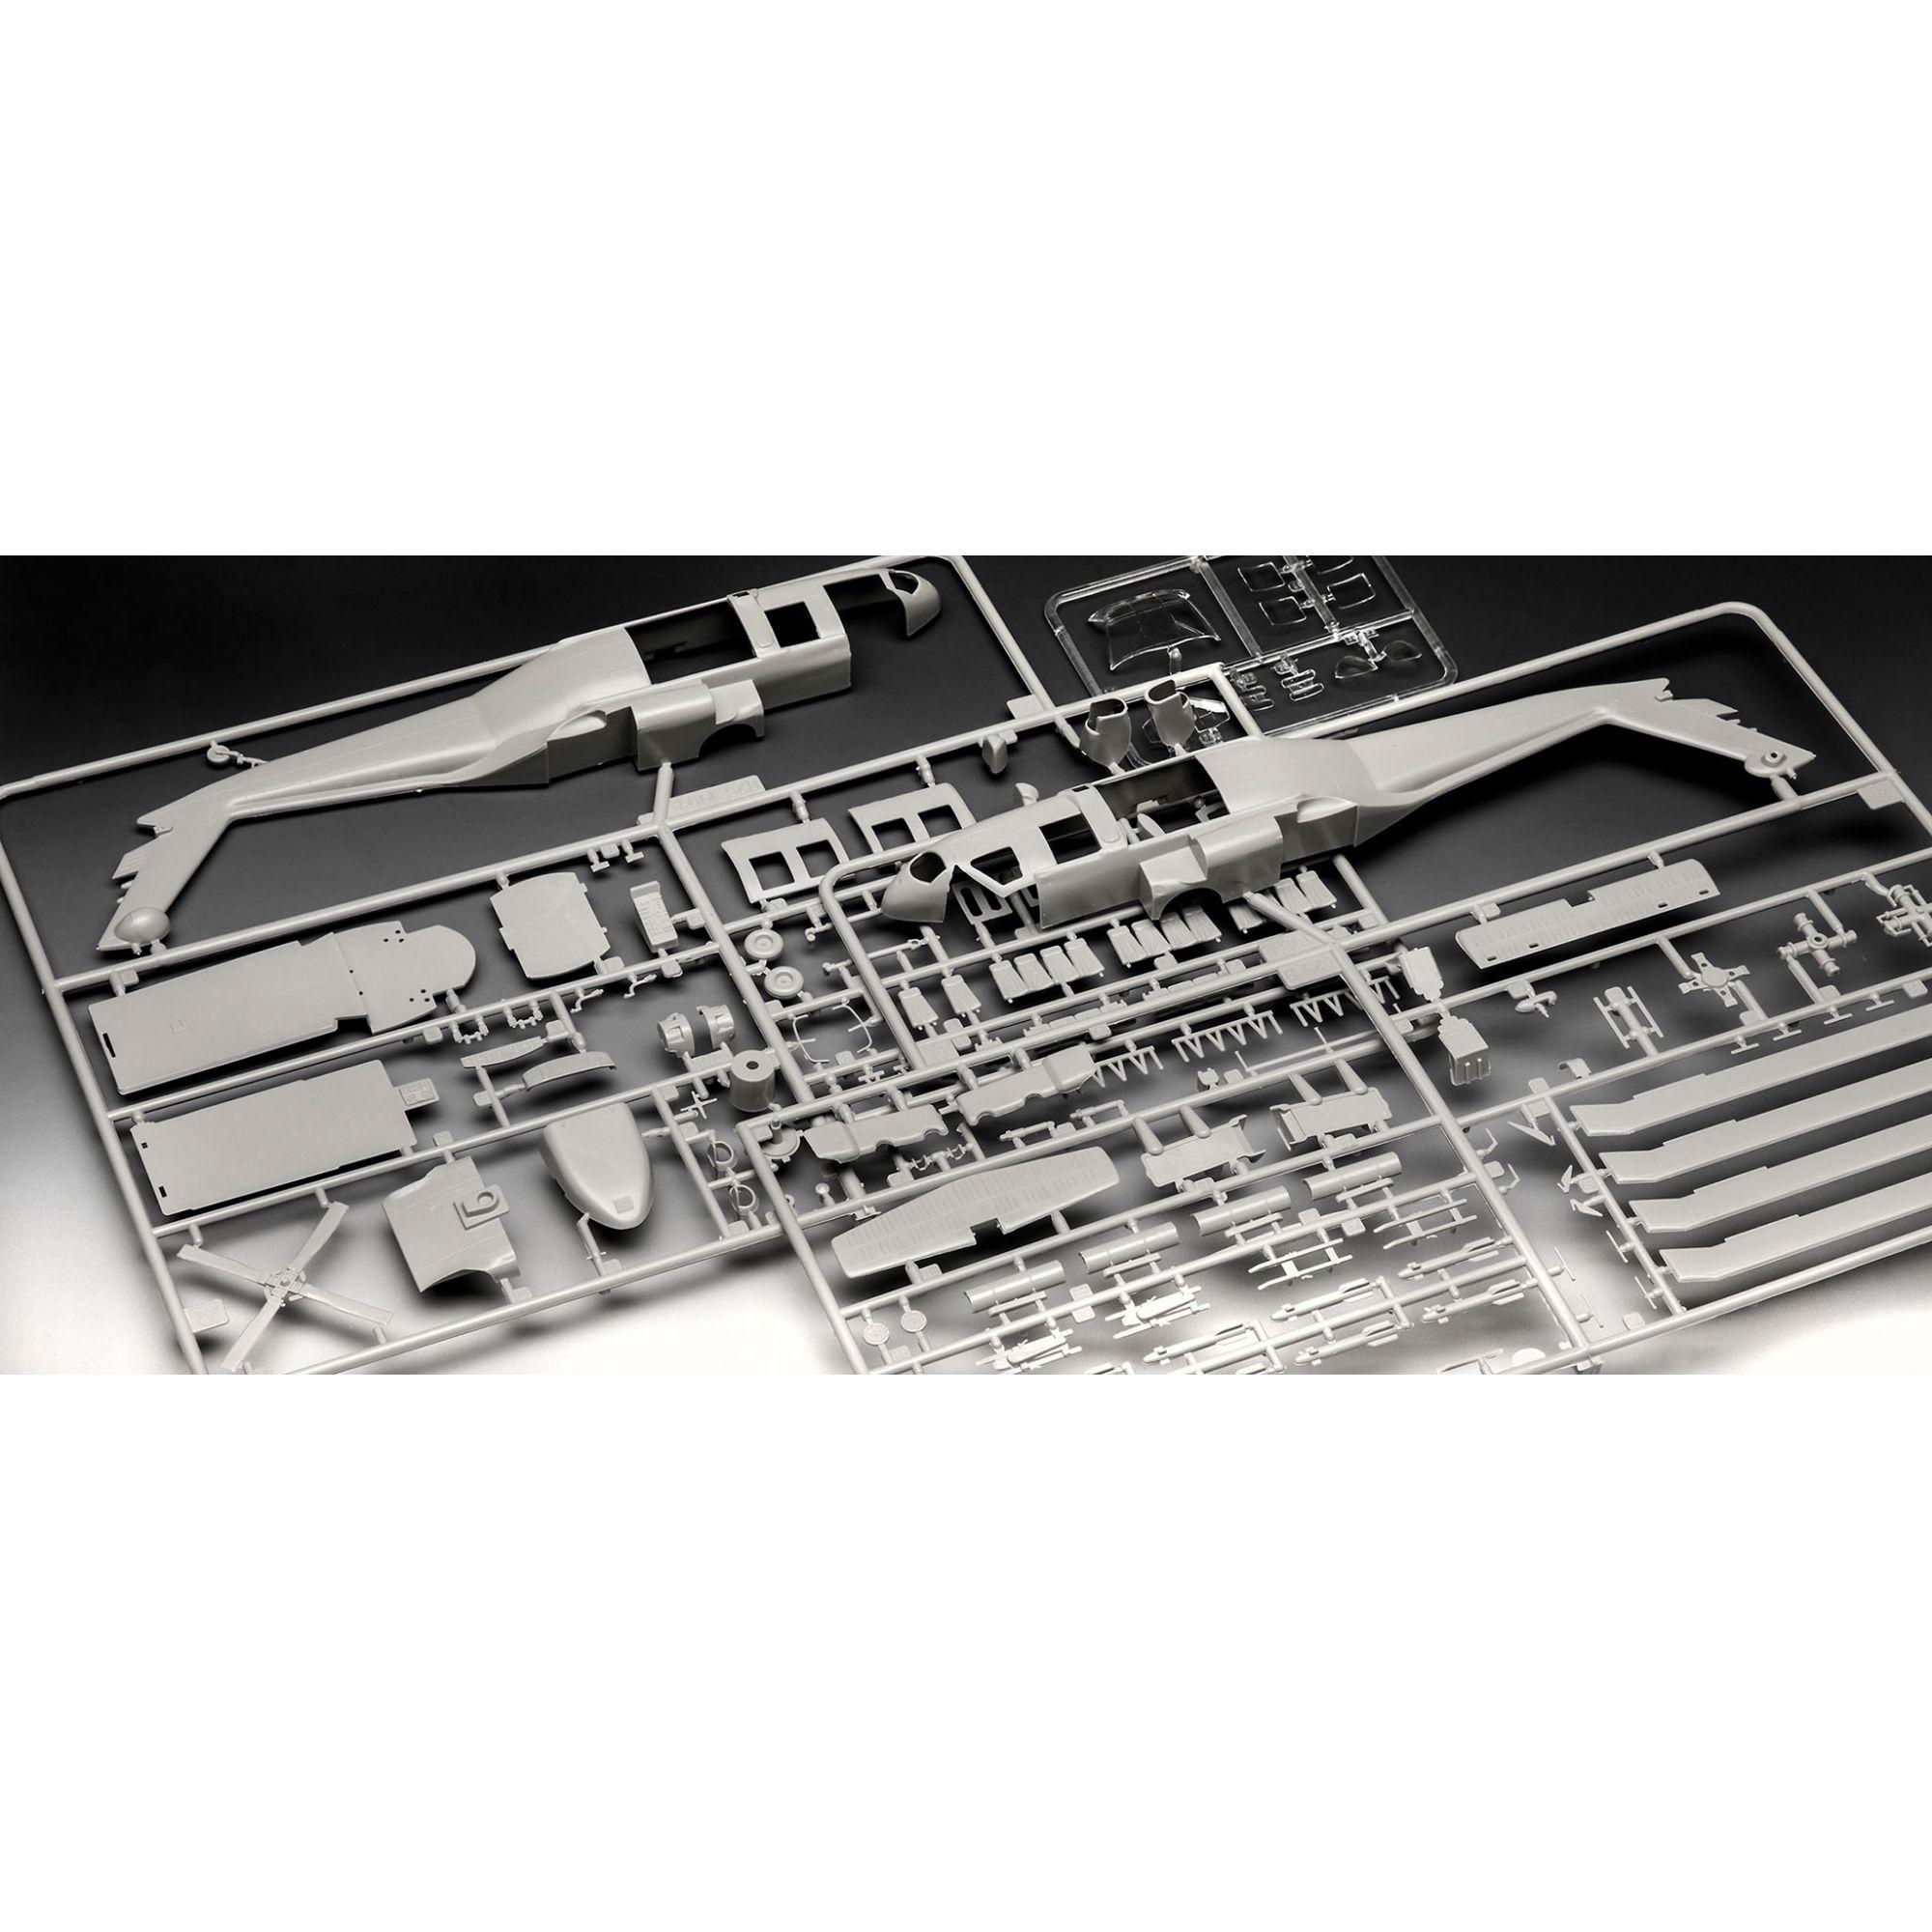 UH-60 - 1/72 - Revell 04976  - BLIMPS COMÉRCIO ELETRÔNICO